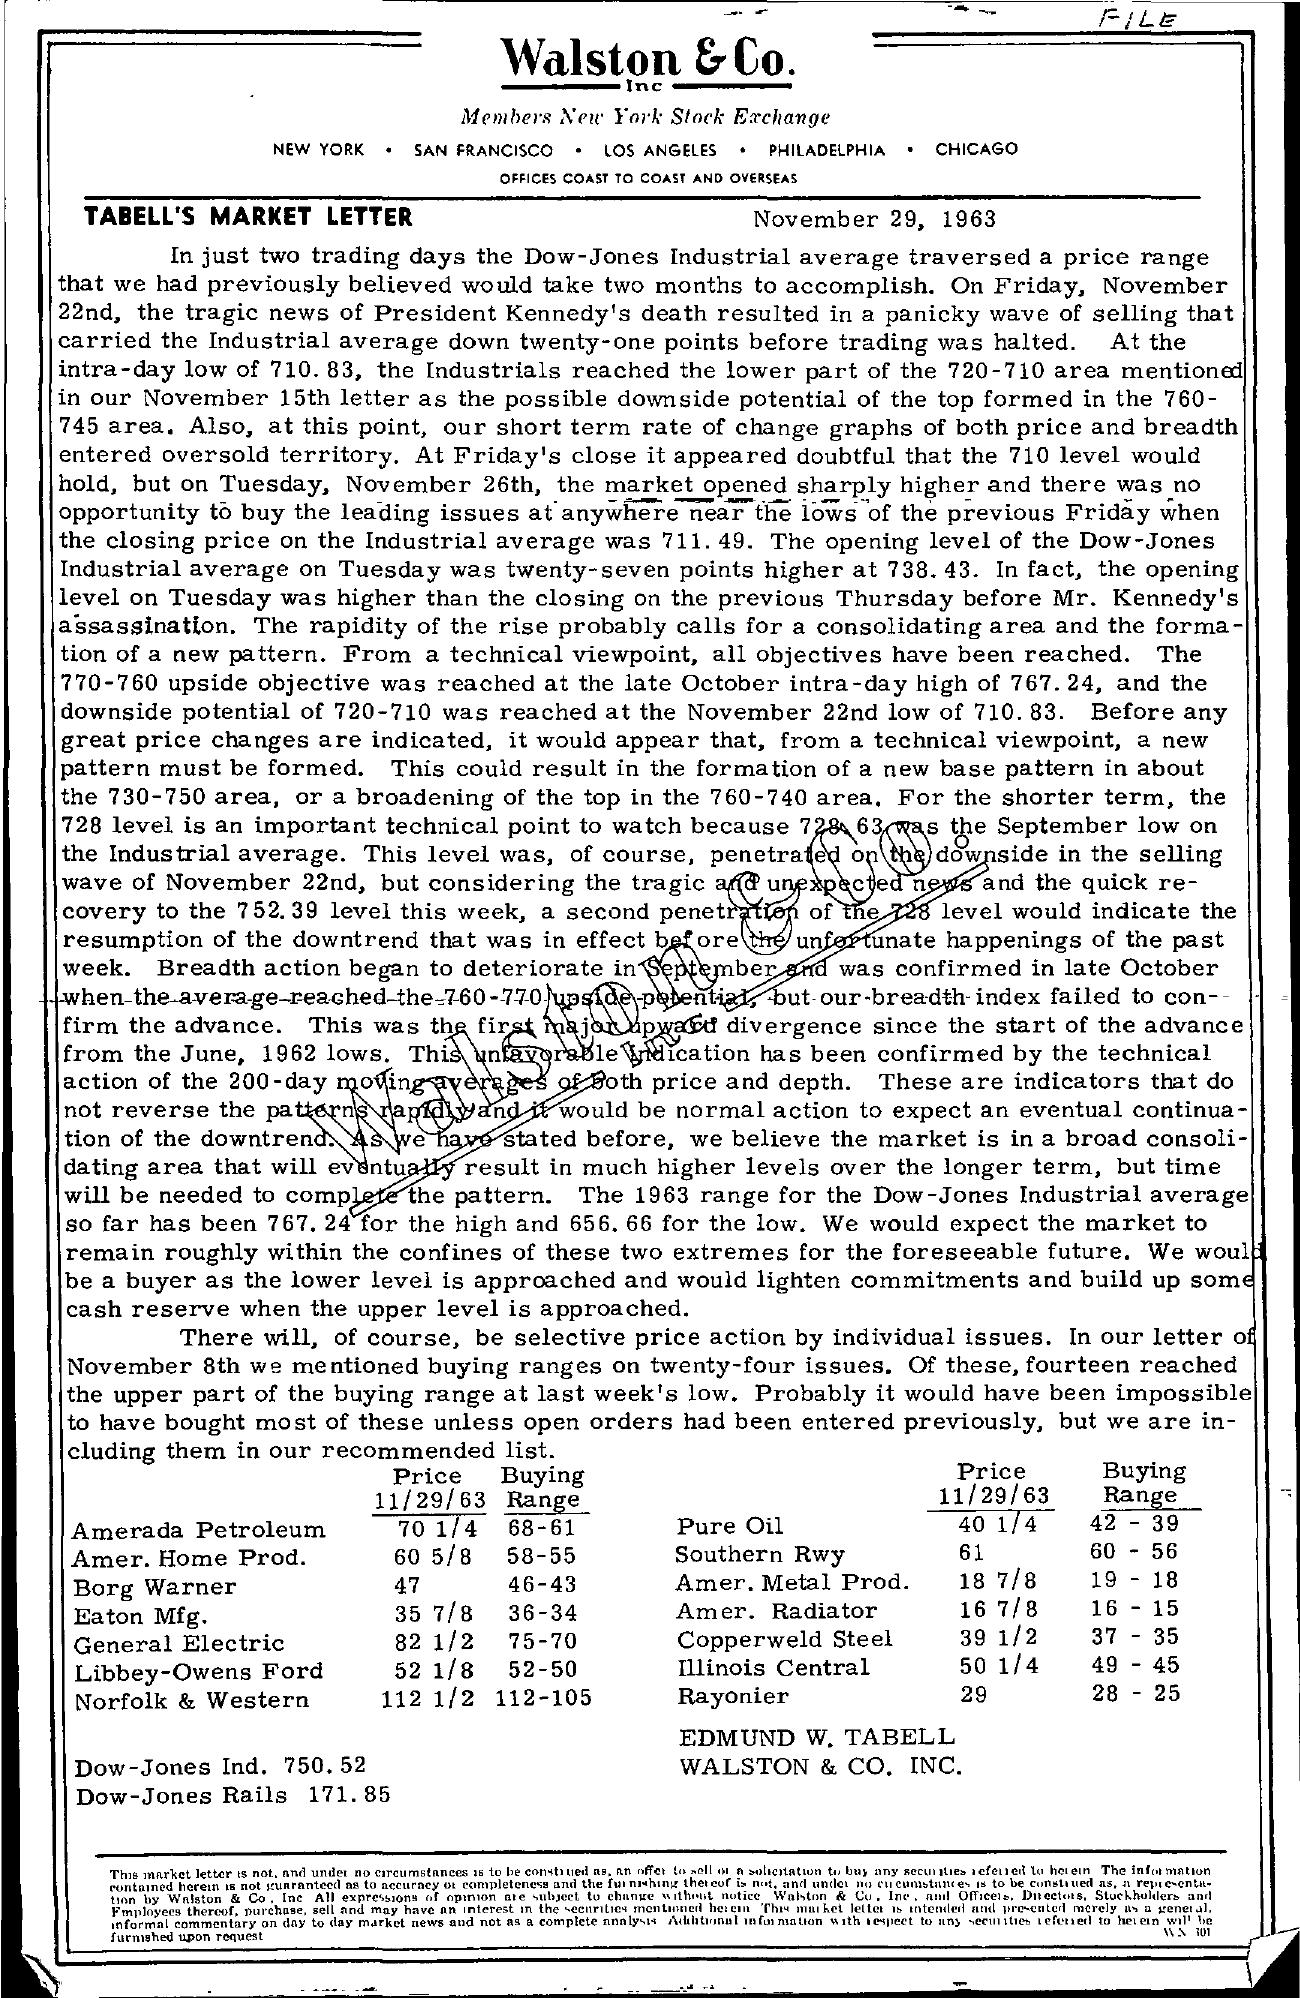 Tabell's Market Letter - November 29, 1963